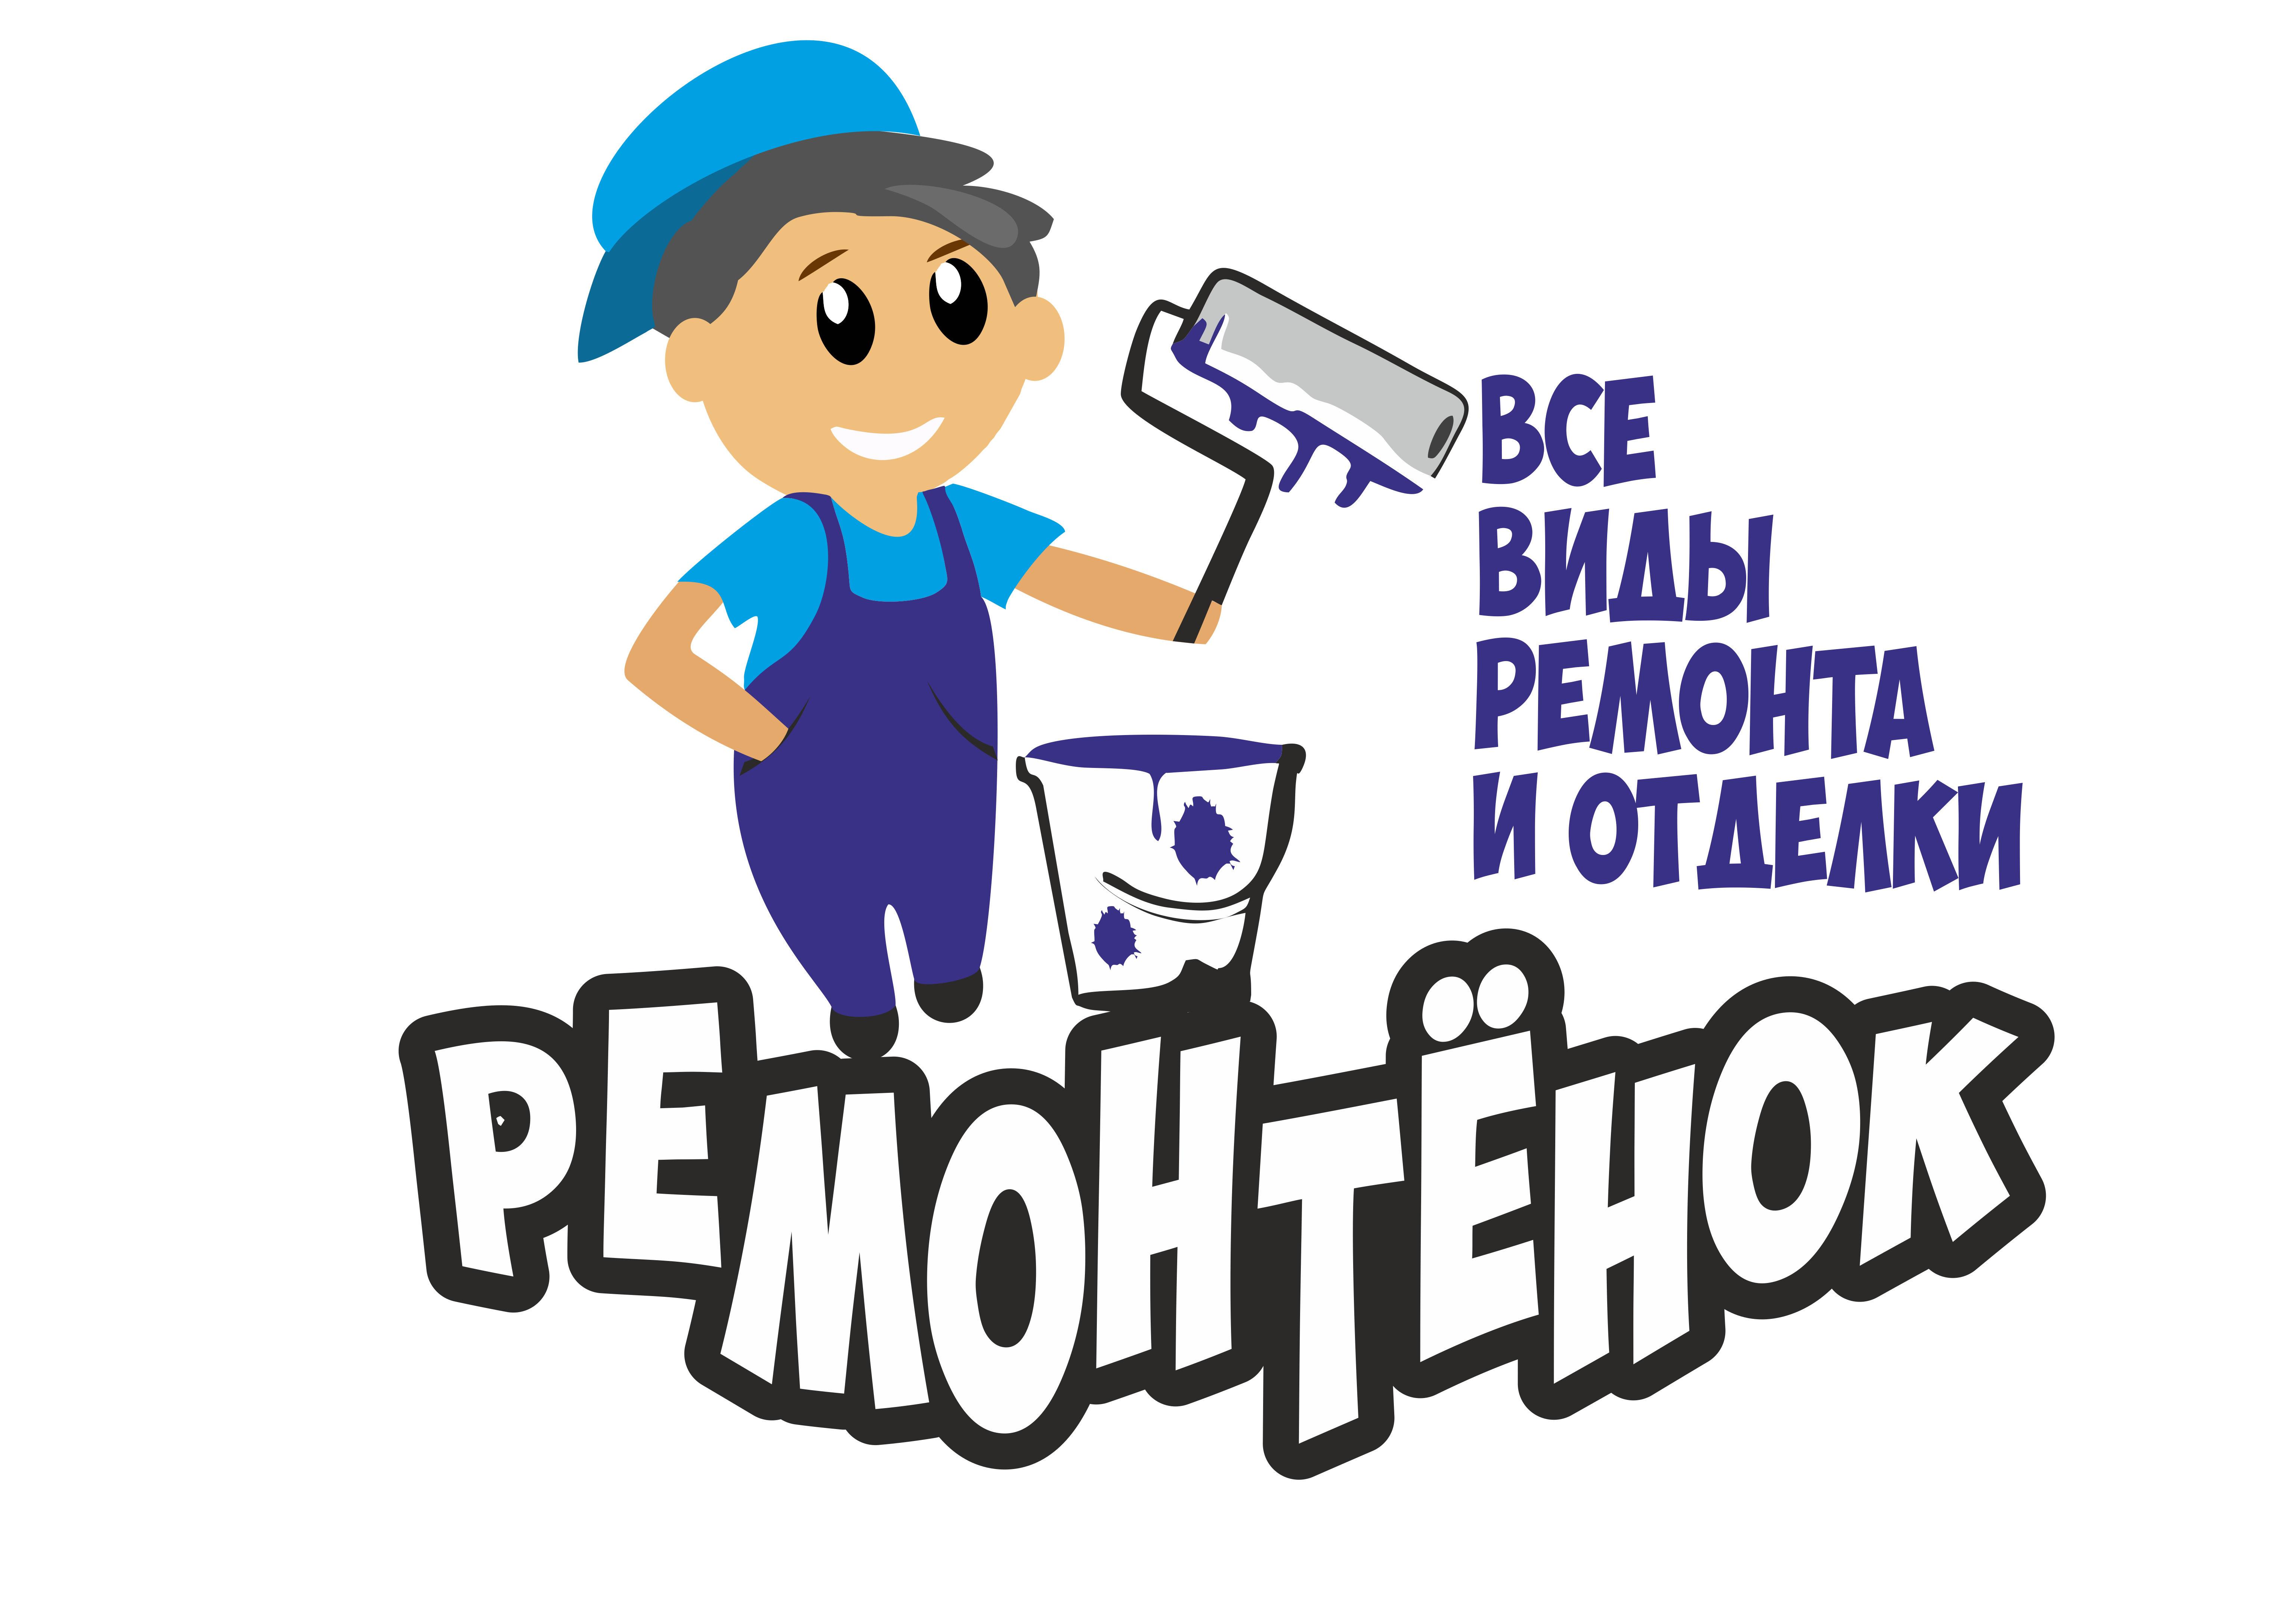 Ремонтёнок: логотип + брэндбук + фирменный стиль фото f_37059581ac1c472f.jpg